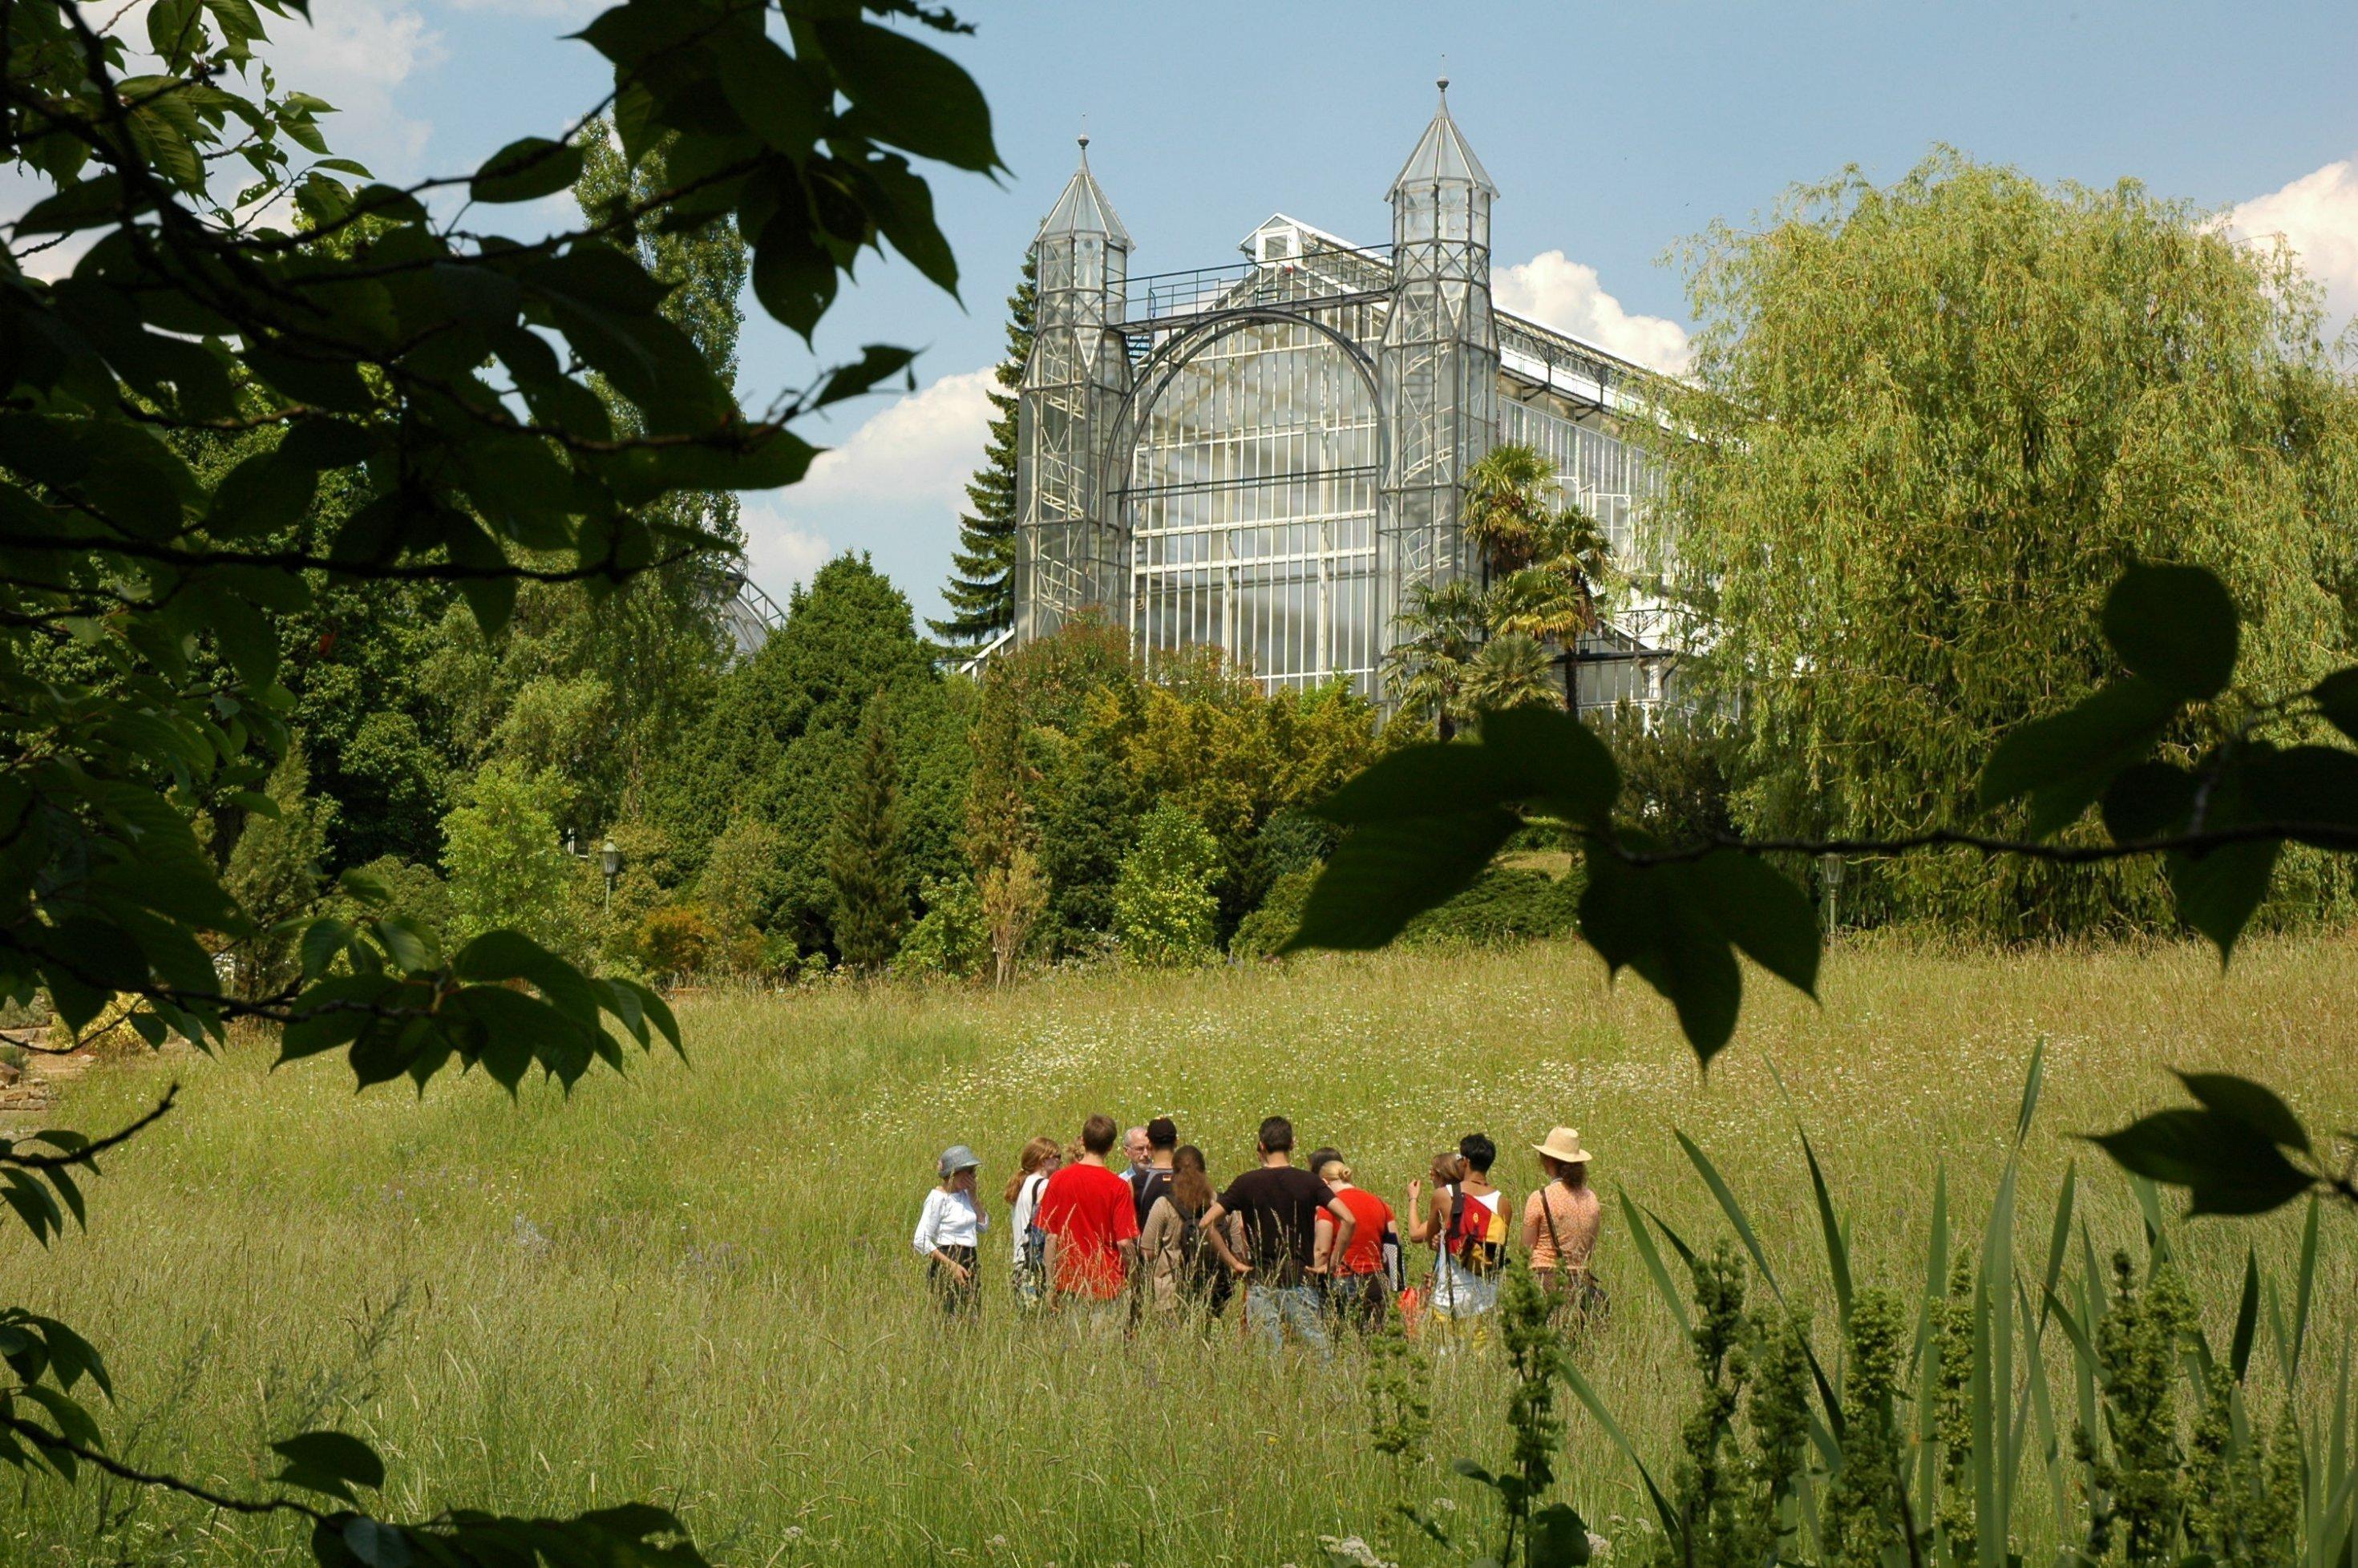 Das Bild zeigt ein Treibhaus des Botanischen Gartens Berlin, das sogenannte Mittelmeerhaus, eingebettet in  die parkartige Landschaft. Dort steht eine Gruppe junger Menschen mit einem Dozenten.